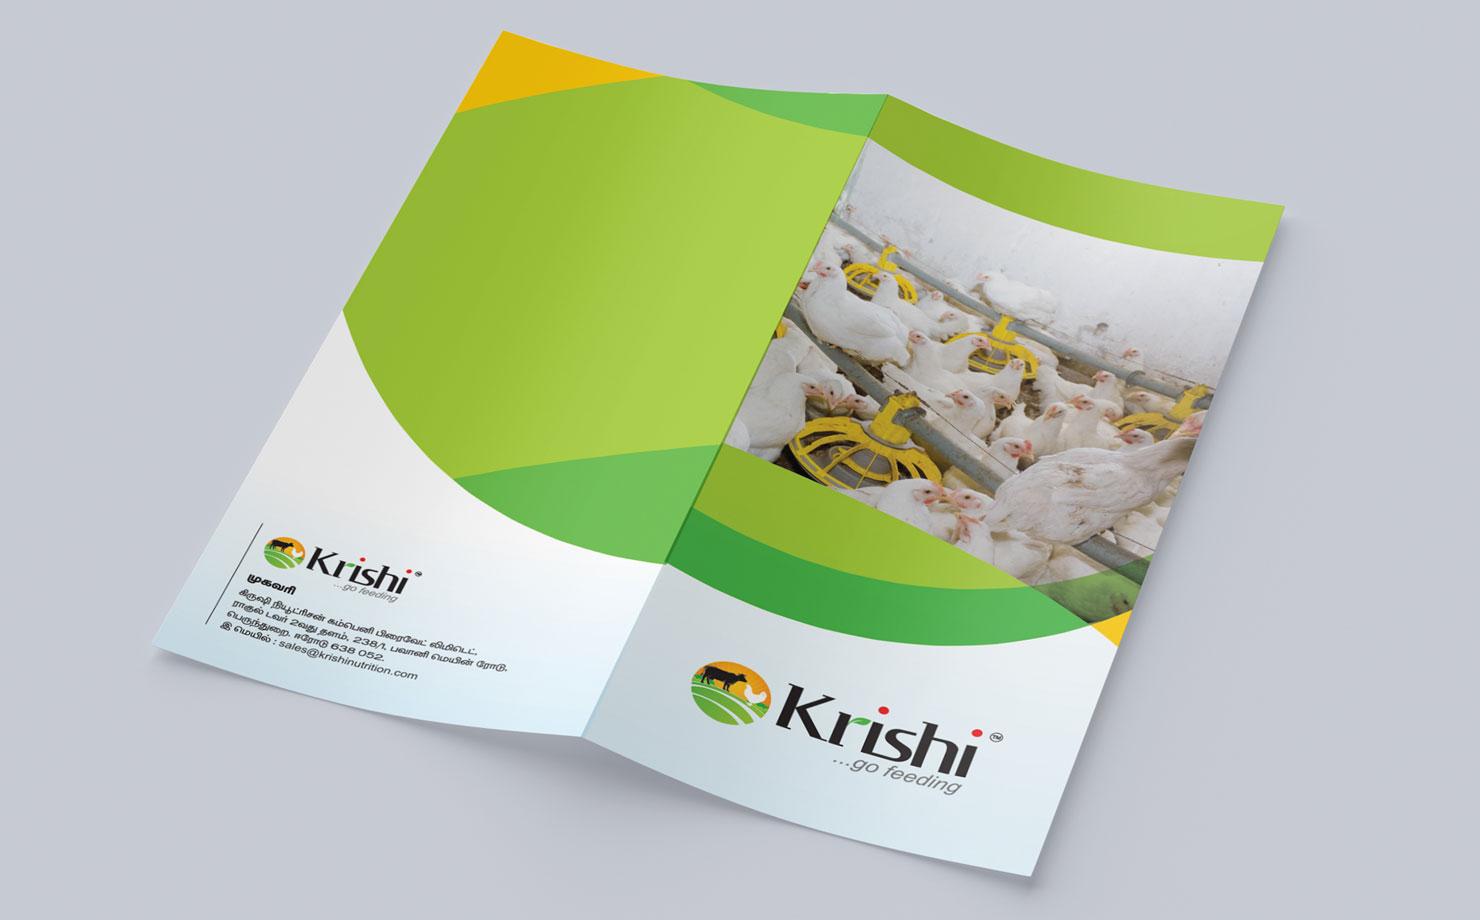 krishi10